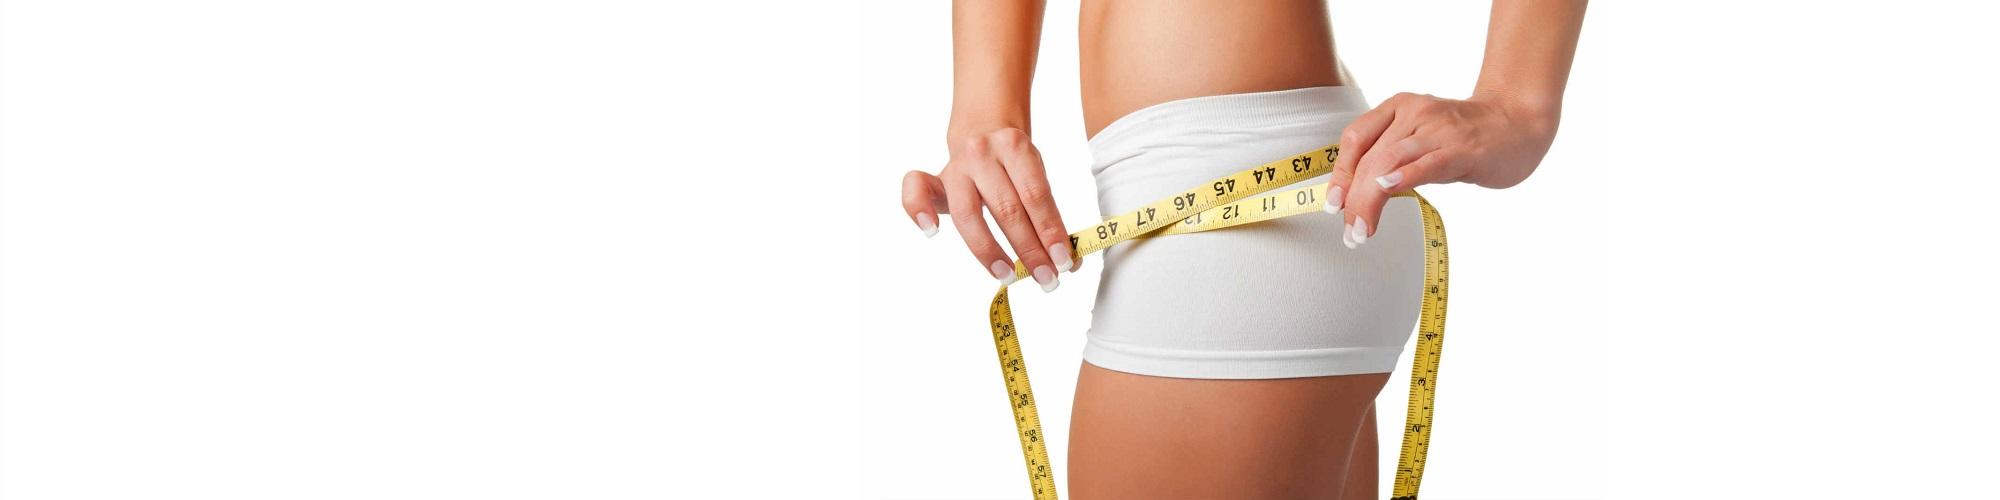 liposuzione-catania-chirurgia-plastica-youplast